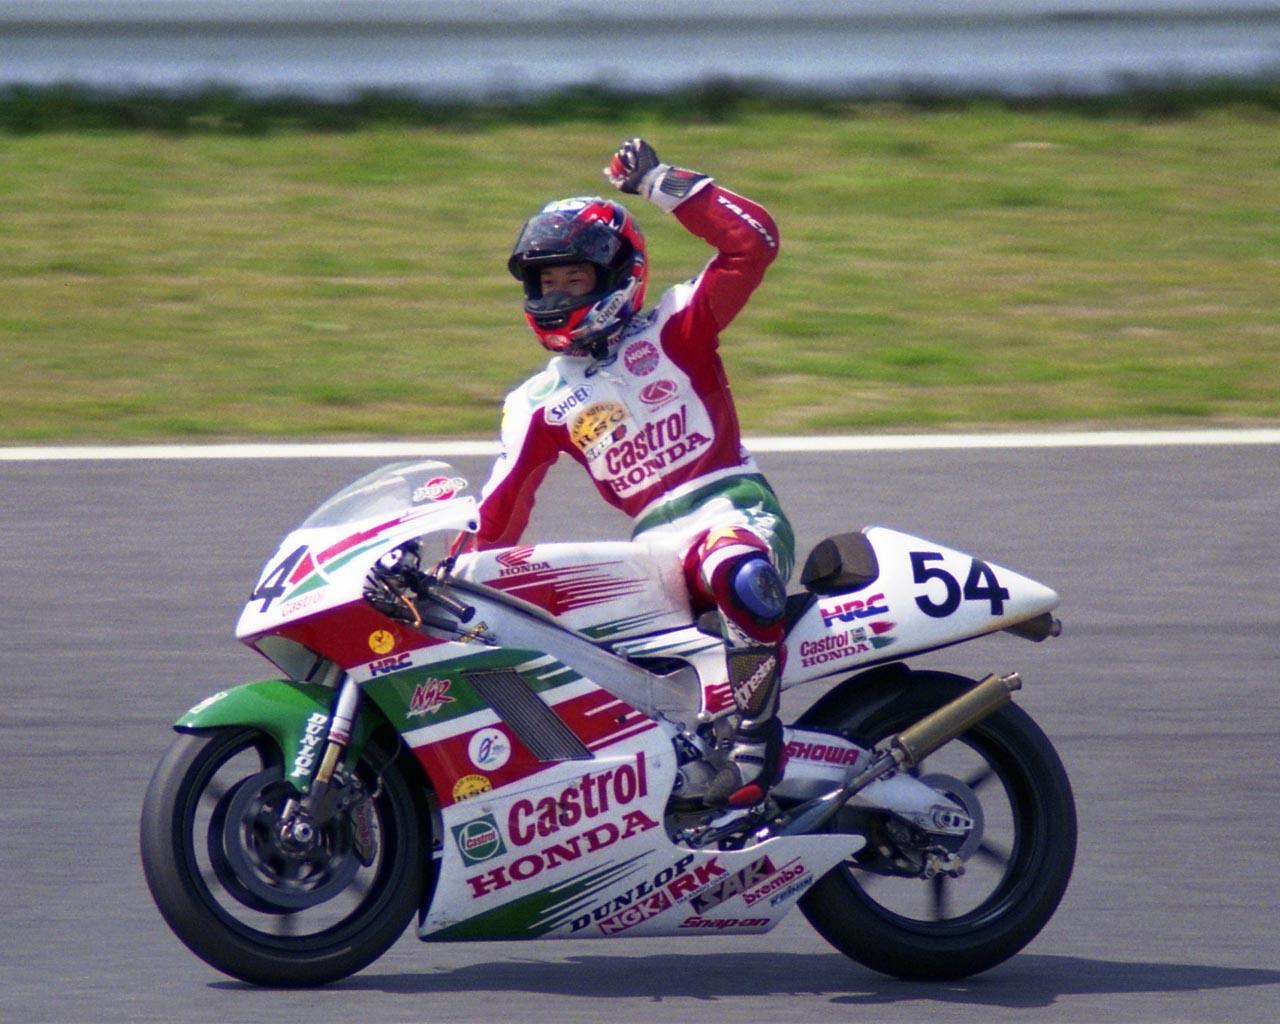 1998年、日本GP優勝時(出典:https://ja.wikipedia.org/)